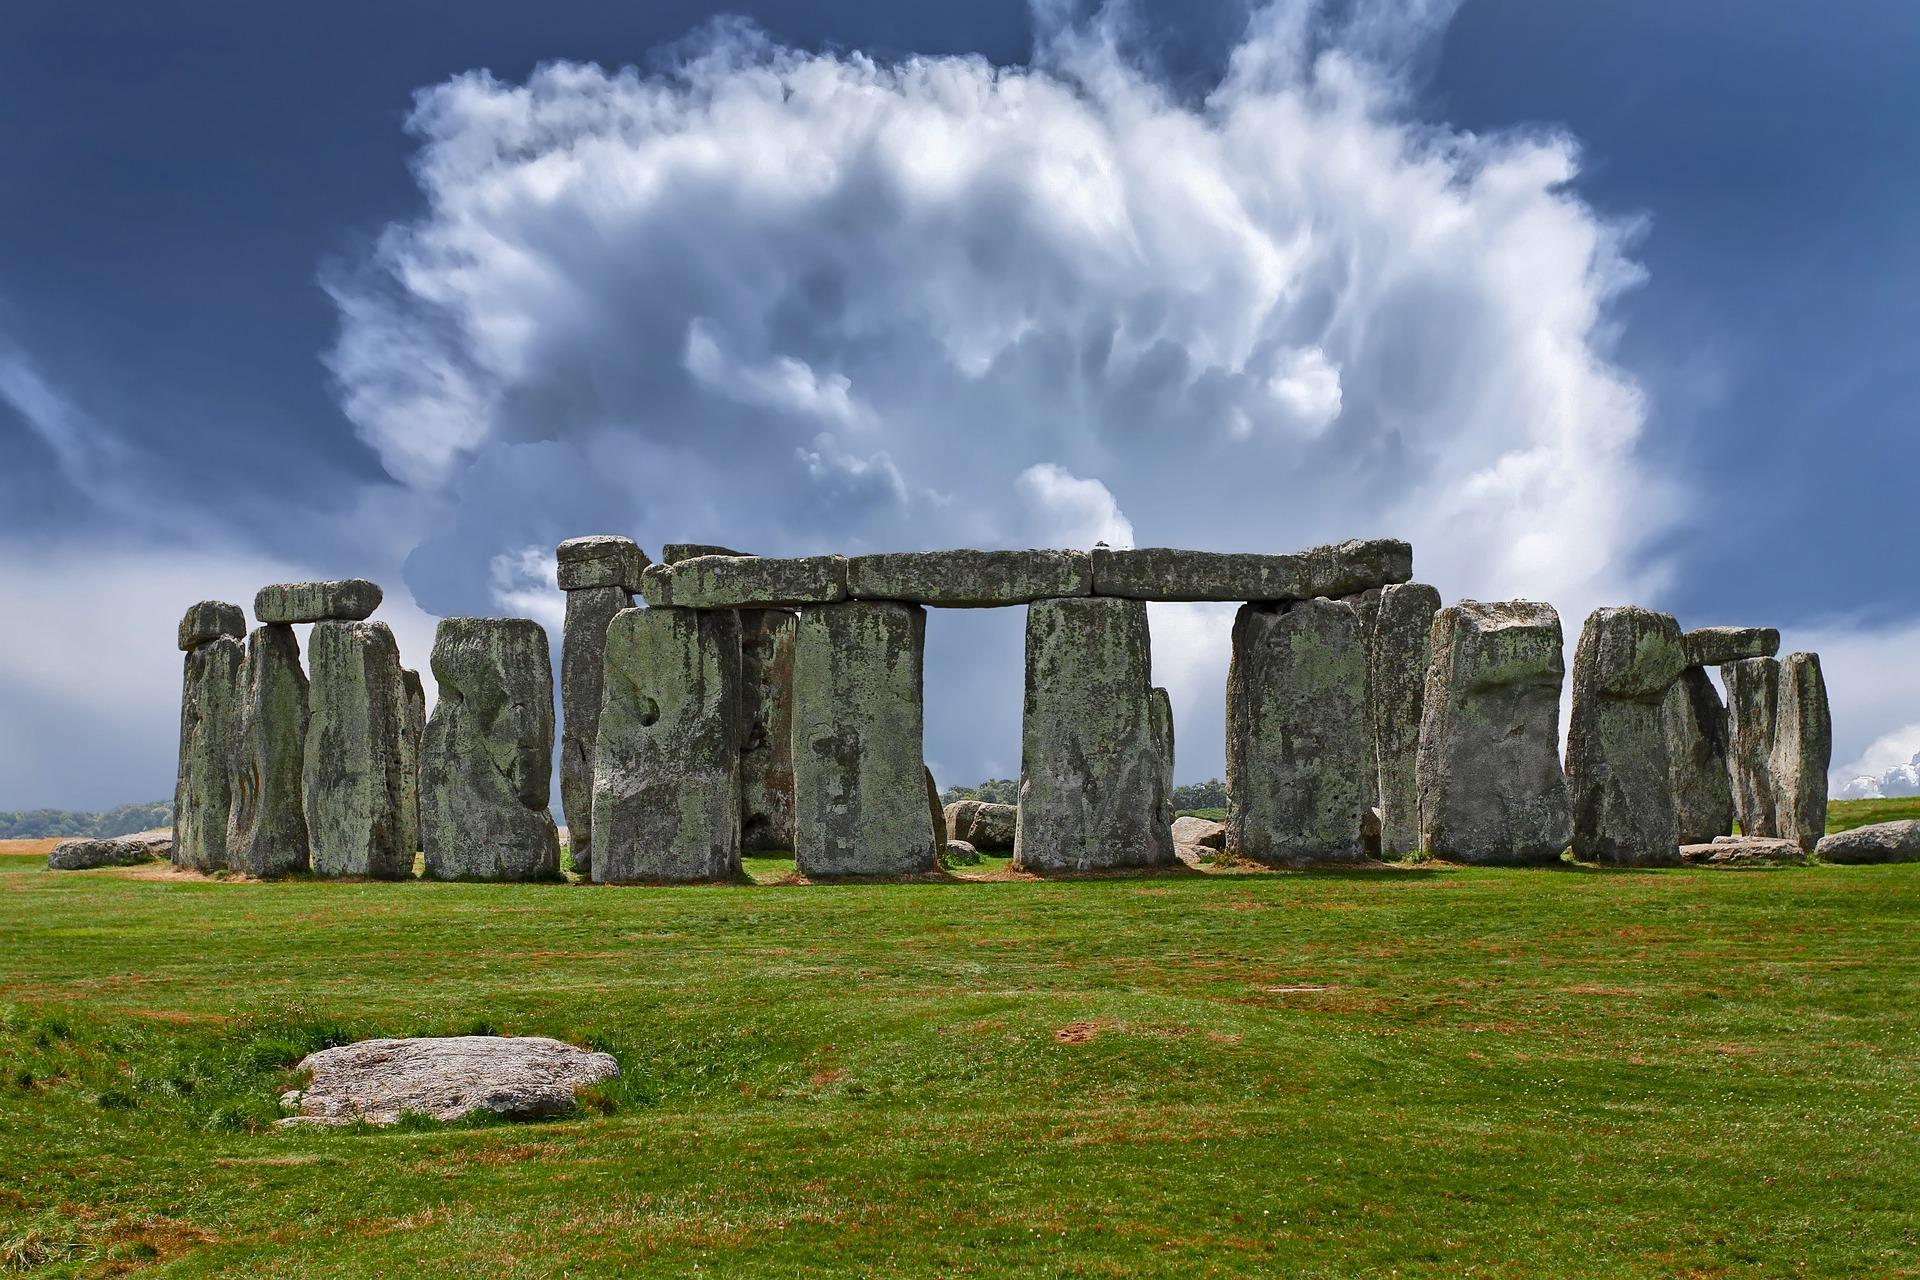 stonehenge-2287980_1920